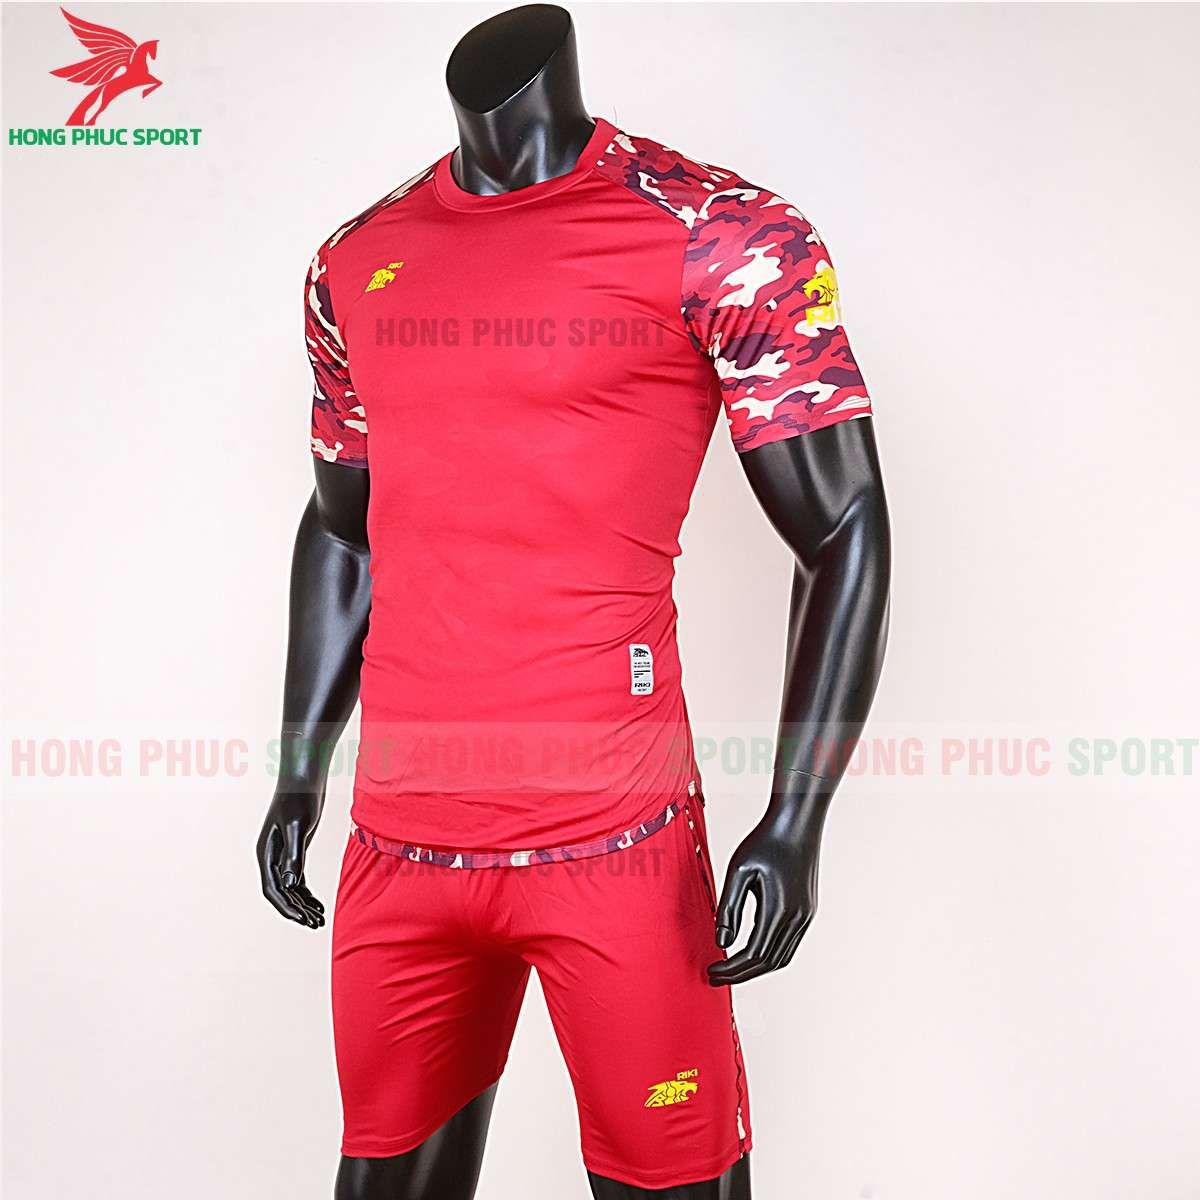 https://cdn.hongphucsport.com/unsafe/cdn.hongphucsport.com/dothethao.net.vn/wp-content/uploads/2020/02/ao-bong-da-khong-logo-riki-camor-do-4.jpg